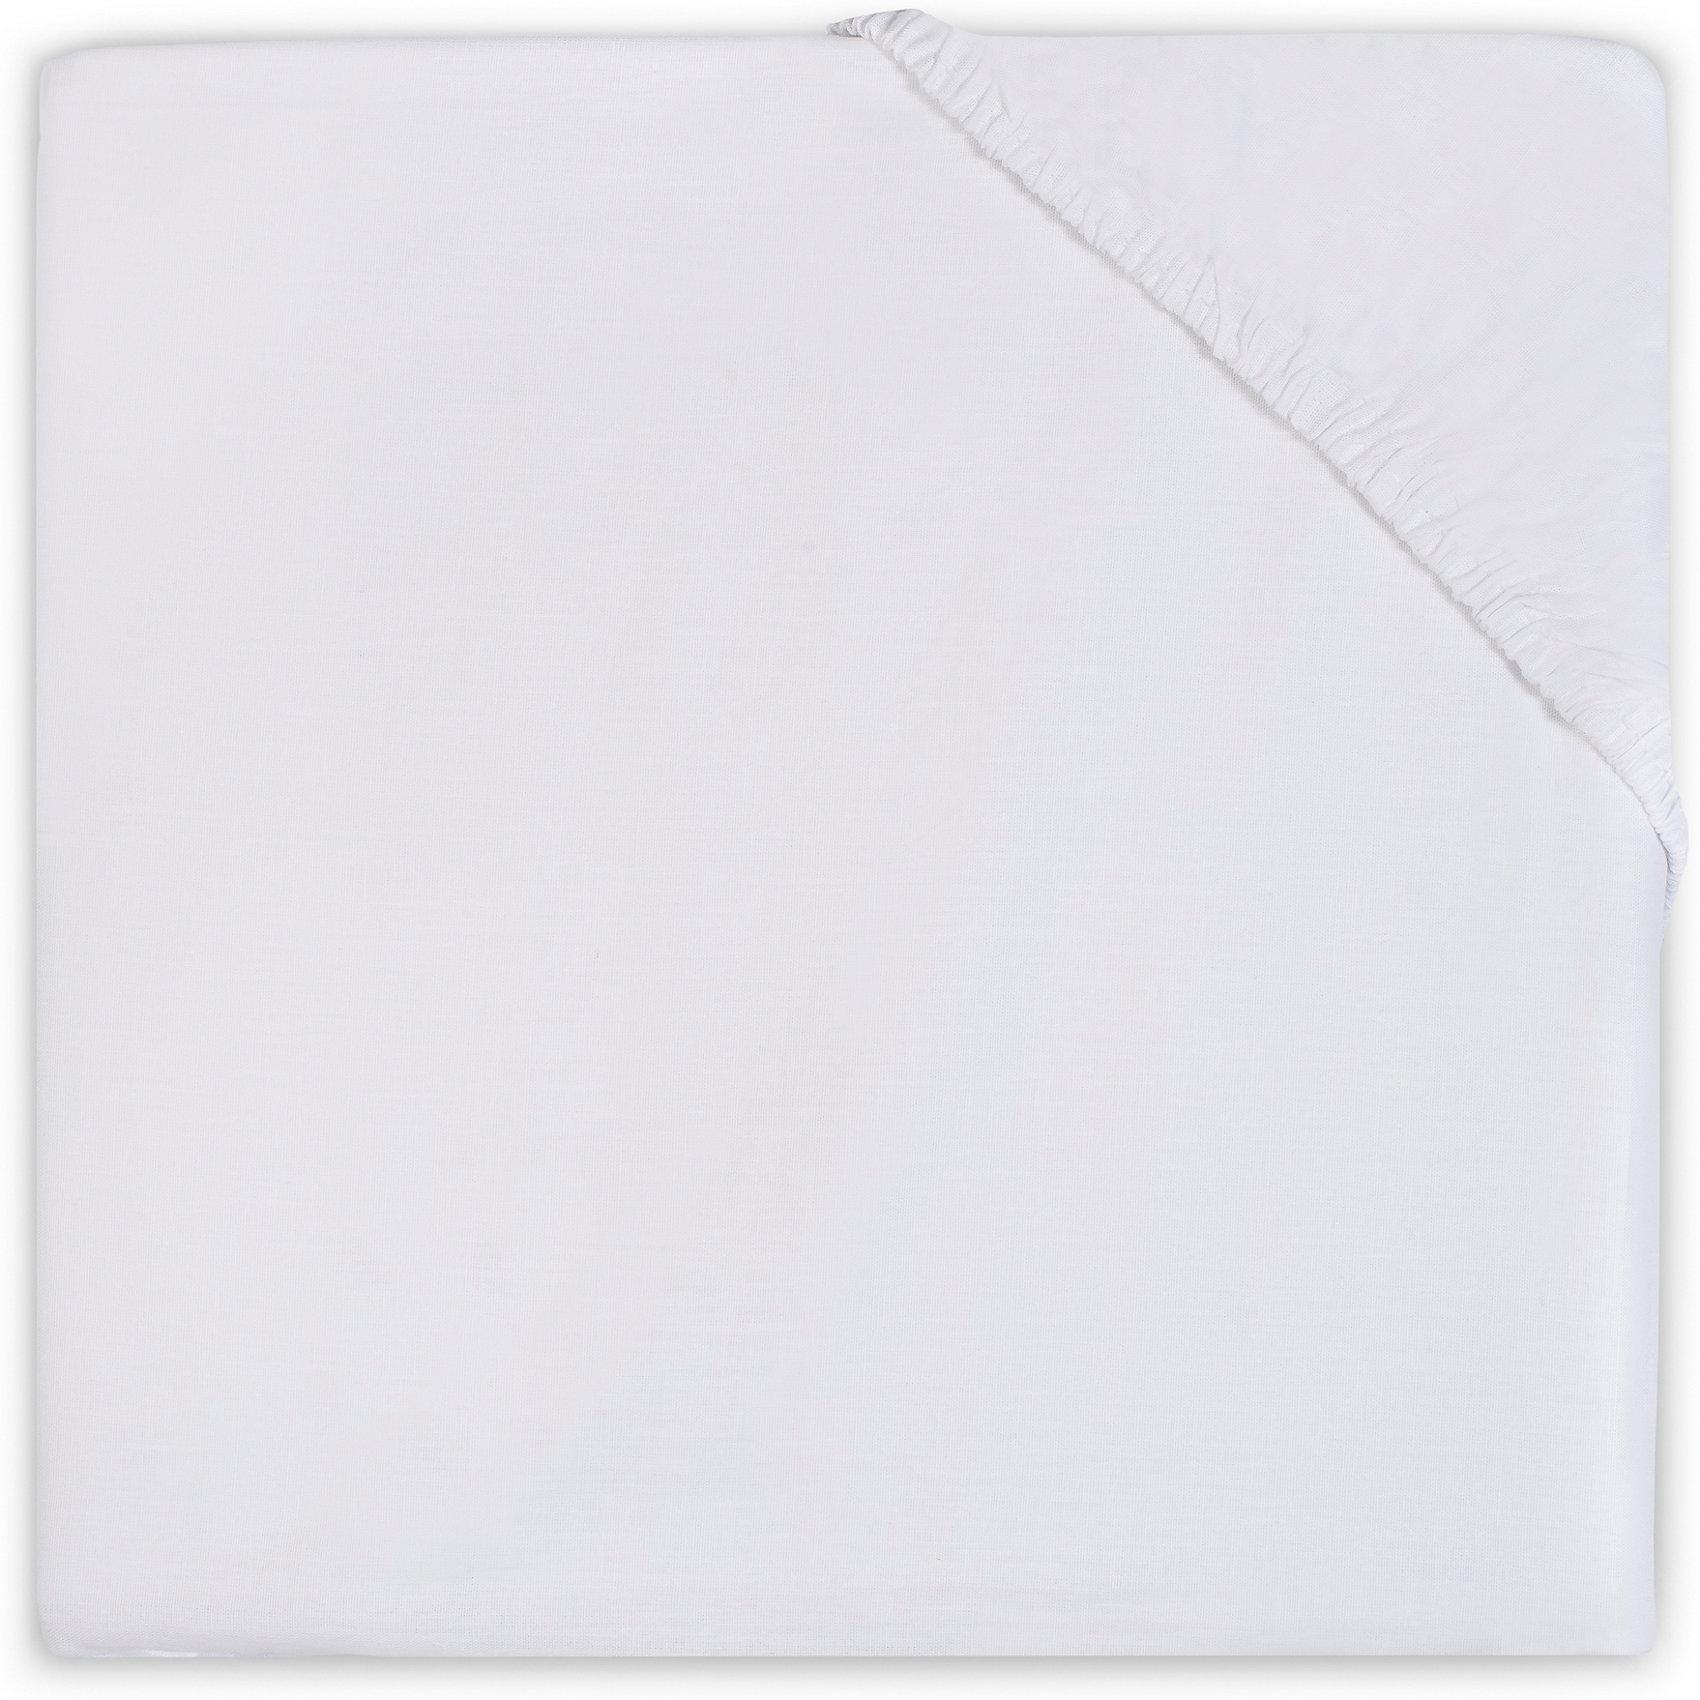 Простыня на резинке 70х140 см, Jollein, WhiteХарактеристики:<br><br>• Вид детского текстиля: простыня на резинке<br>• Пол: универсальный<br>• Цвет: белый<br>• Тематика рисунка: без рисунка<br>• Материал: 82% хлопок (джерси), 18% эластан<br>• Размер: 70*140 см<br>• Вес: 300 г<br>• Особенности ухода: машинная или ручная стирка при температуре не более 60 градусов<br><br>Простыня на резинке 70х140 см, Jollein, White от торговой марки Жолляйн, которая является признанным лидером среди аналогичных брендов, выпускающих детское постельное белье и текстиль для новорожденных. Продукция этого торгового бренда отличается высоким качеством и дизайнерским стилем. <br><br>Простыня выполнена из джерси, который обладает не только высокими гигиеническими и гигроскопическими свойствами, но и придает изделию эластичность и повышенную мягкость. Легко стирается и быстро высыхает. Простыня на резинке плотно и хорошо садится на матрасик, что препятствует ее сбиванию и образованию складок, даже если ребенок спит неспокойно. <br><br>Простынь выполнена в однотонном цвете, поэтому она подойдет к любому комплекту постельного белья. Простыня на резинке 70х140 см, Jollein, White – это стиль и качество для сладких сновидений вашего малыша!<br><br>Простыню на резинке 70х140 см, Jollein, White можно купить в нашем интернет-магазине.<br><br>Ширина мм: 200<br>Глубина мм: 230<br>Высота мм: 30<br>Вес г: 285<br>Возраст от месяцев: 0<br>Возраст до месяцев: 36<br>Пол: Унисекс<br>Возраст: Детский<br>SKU: 5367128